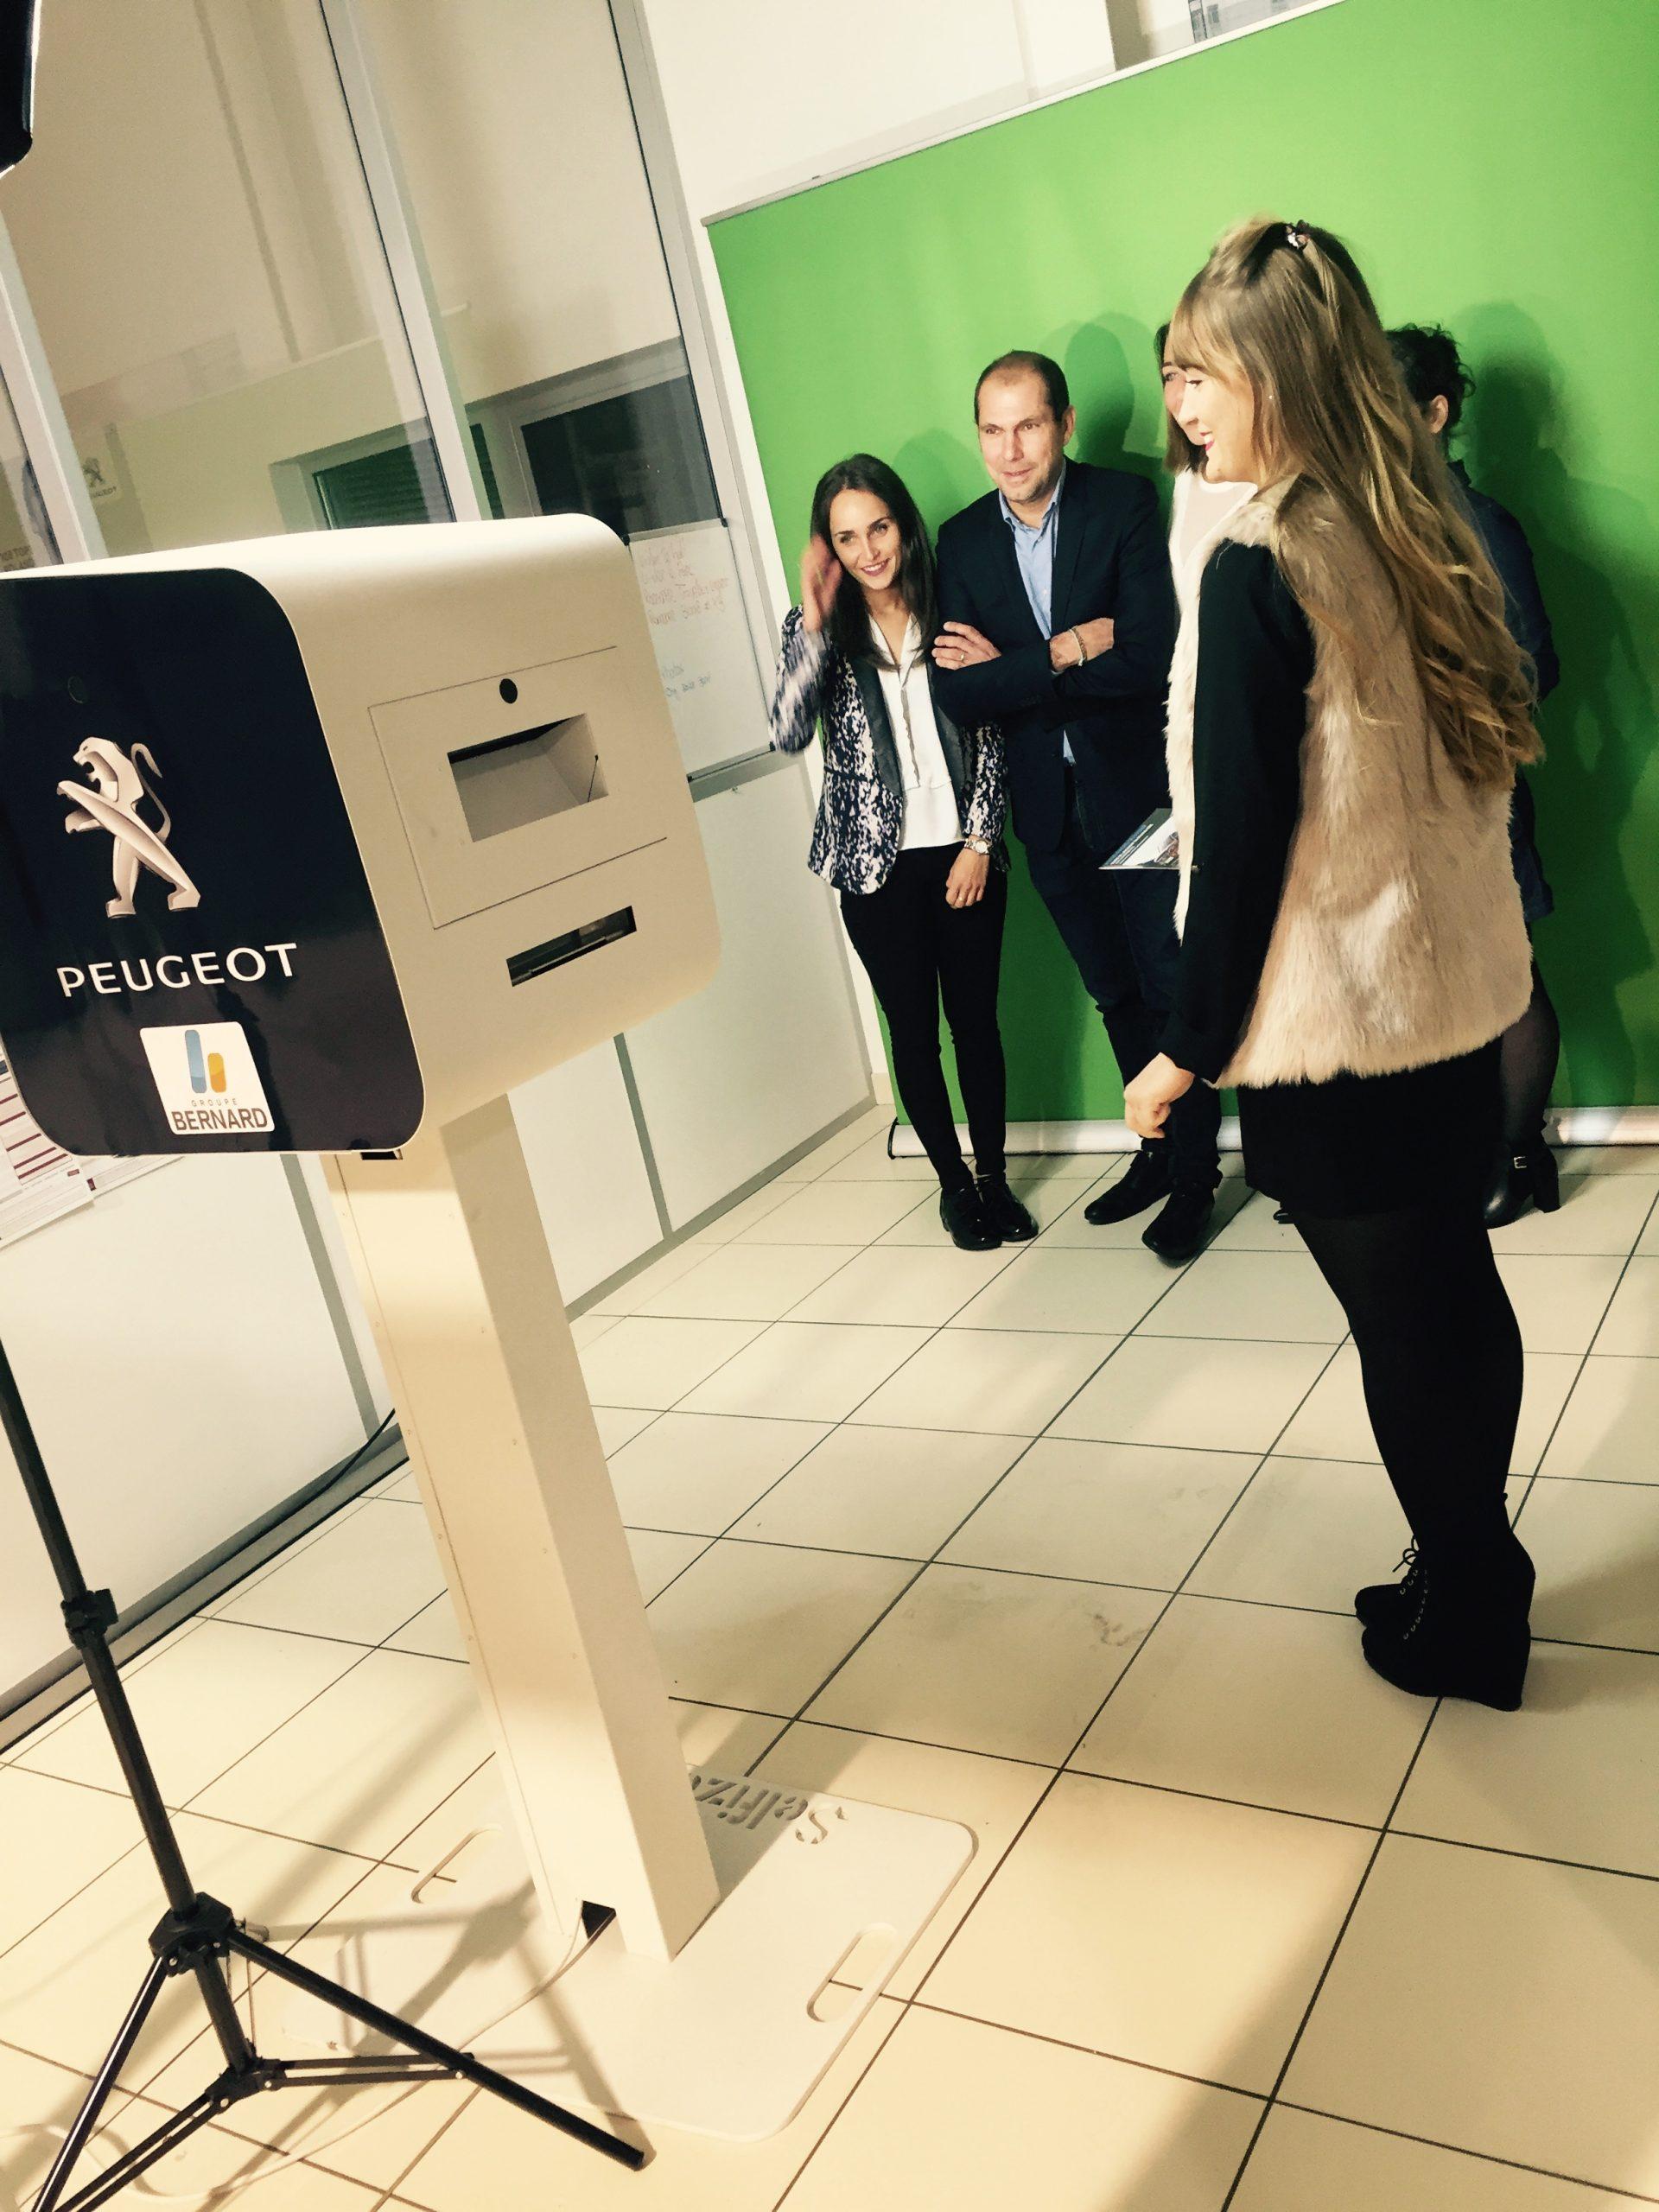 Borne selfie et animation fond vert pour photos soirée inauguration Peugeot Chambéry en Savoie en 2016